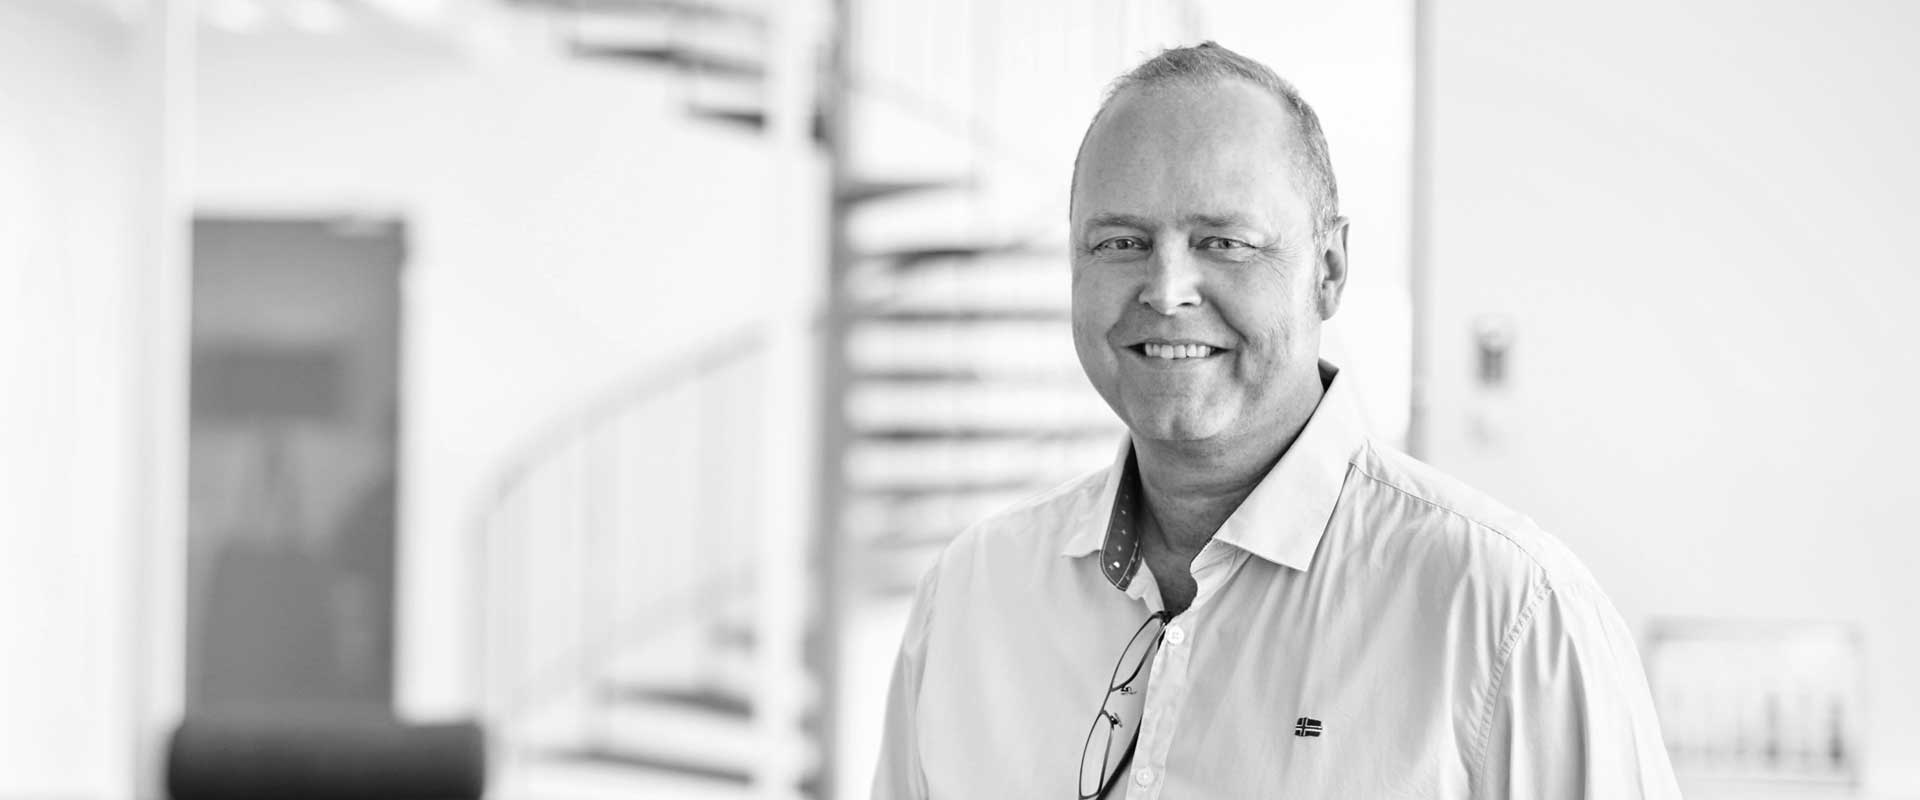 Let's keep it simple: Lars Halskov - forretningsudvikling, branding, konceptudvikling, kommunikation og markedsføring